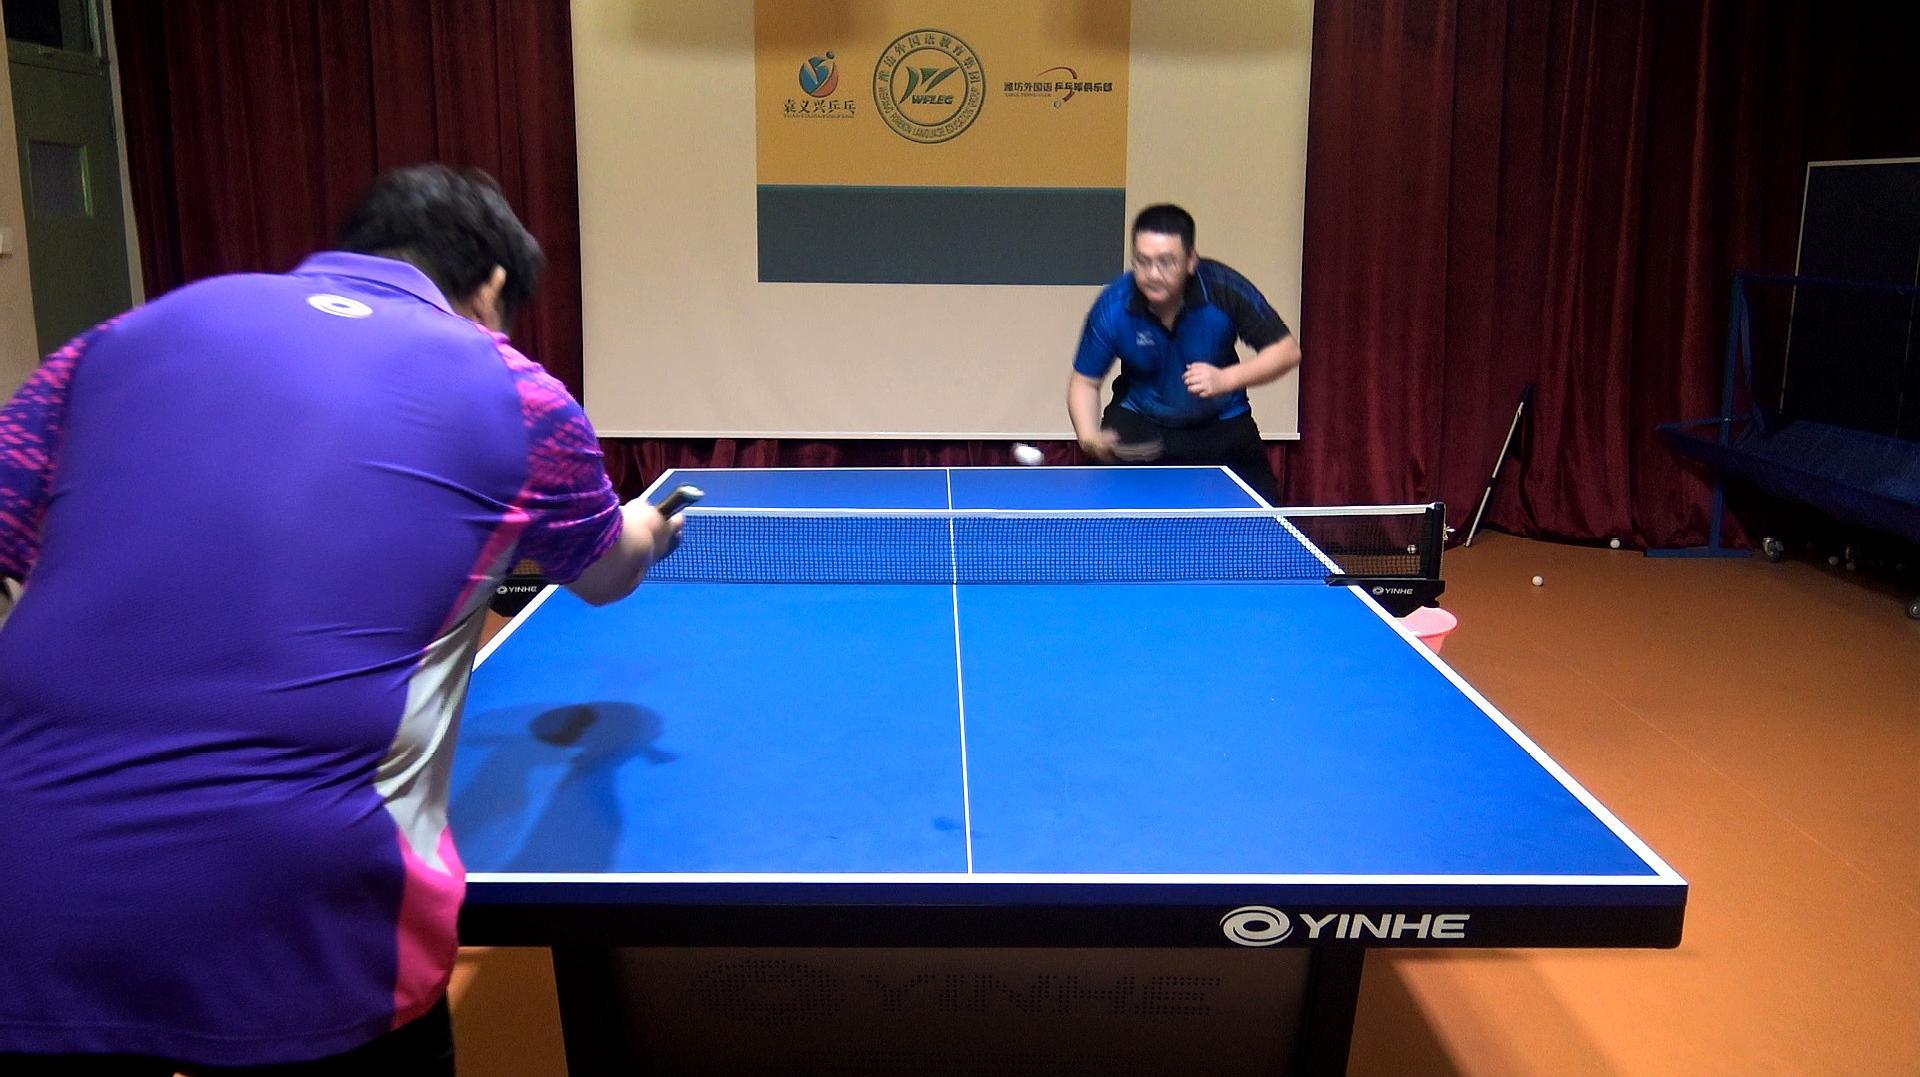 乒乓球下旋球反手进攻有哪些方法?有哪些要注意的事项?